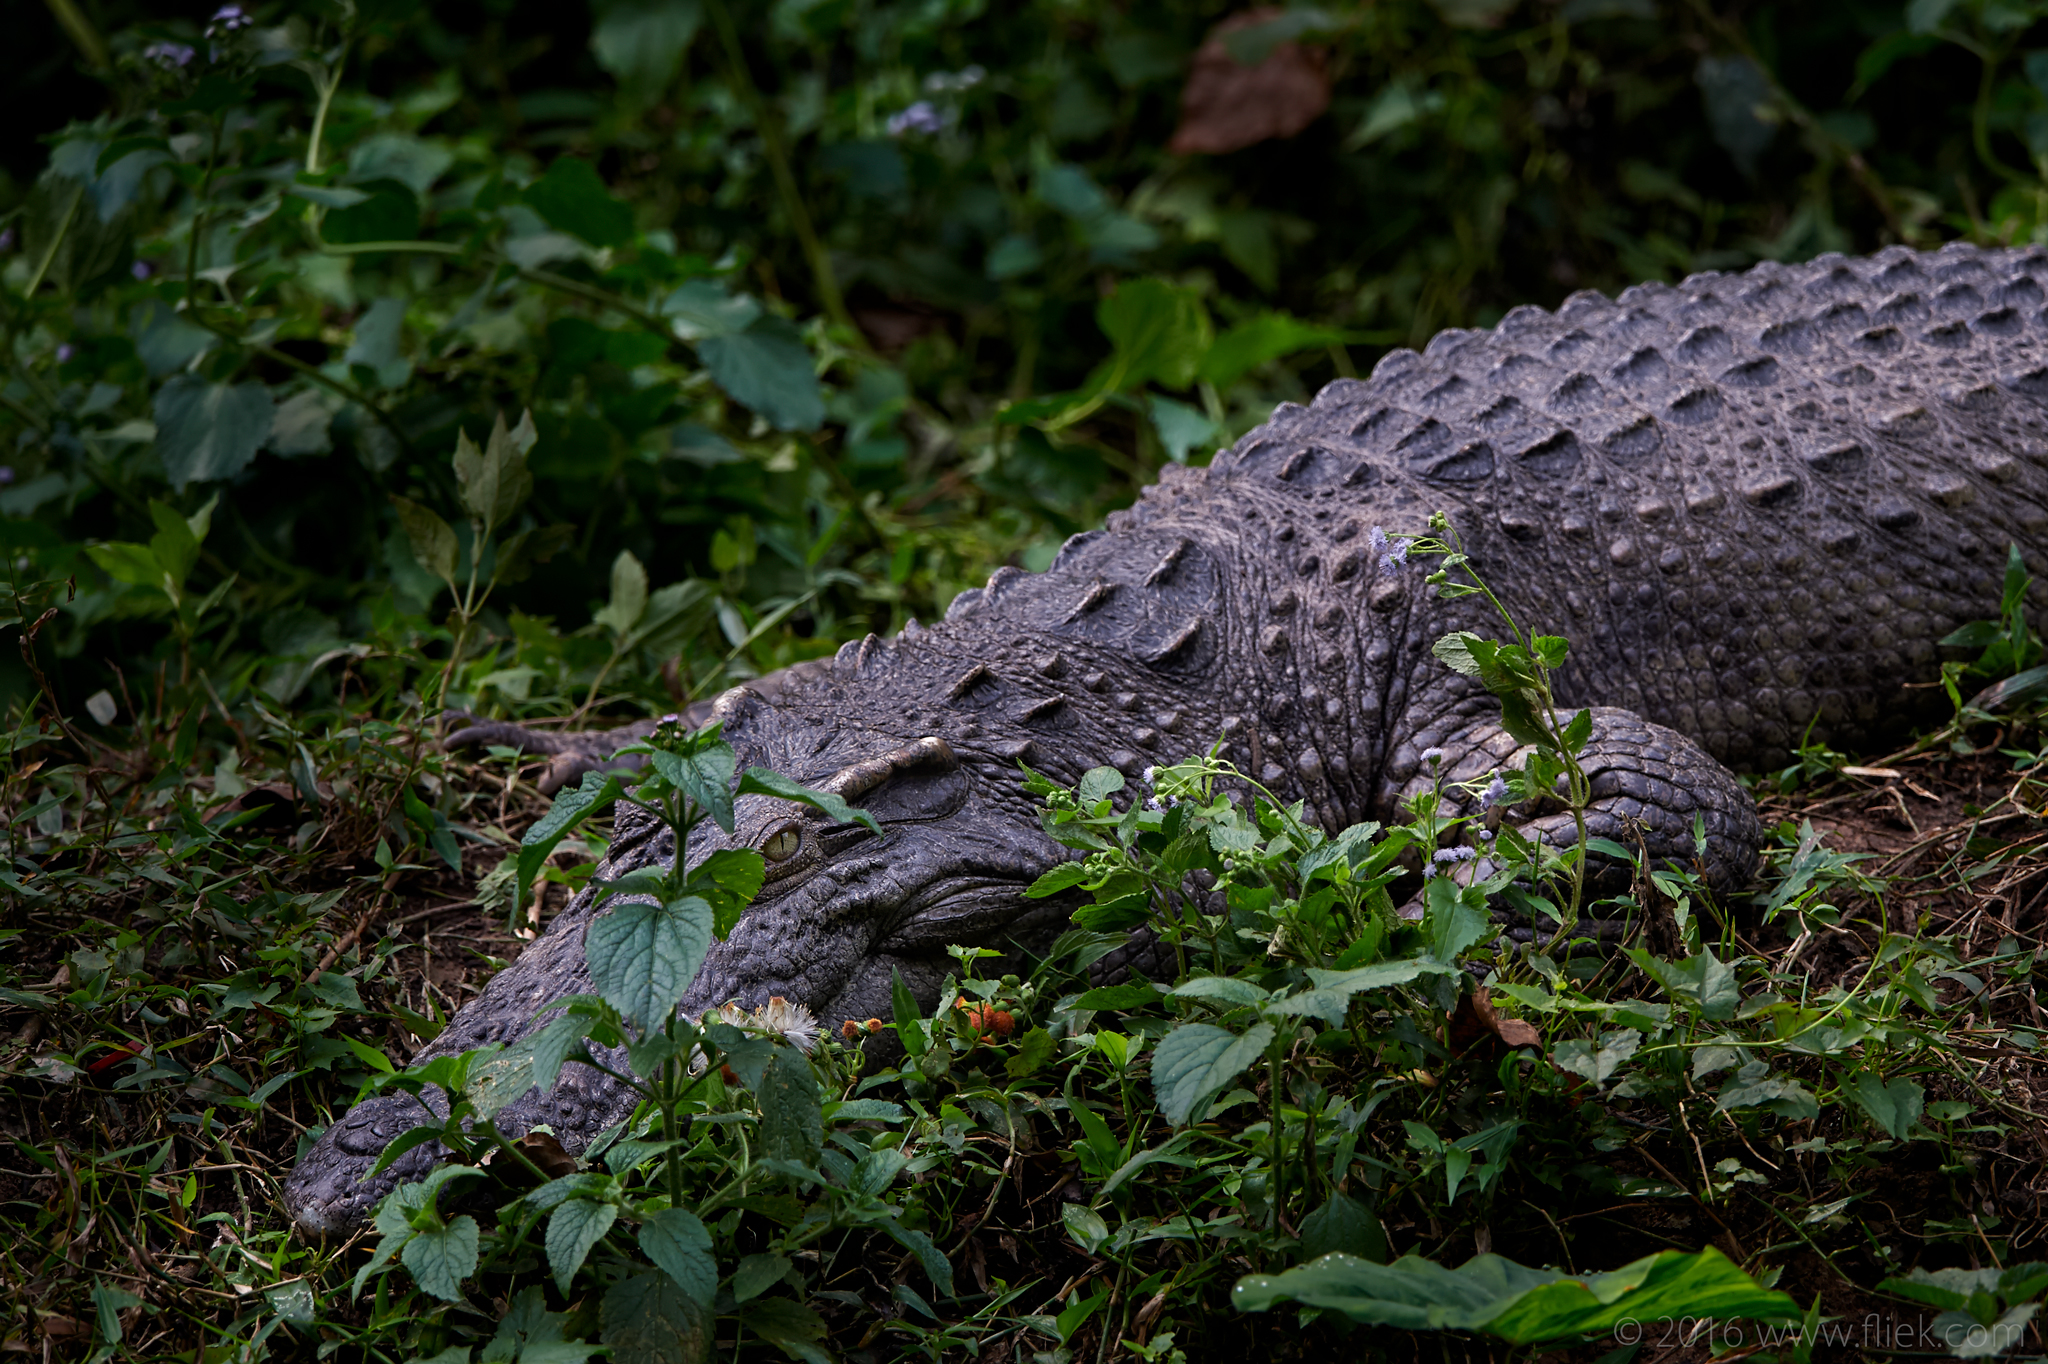 croc-Nikon 600mm f4 FL TC14 850mm